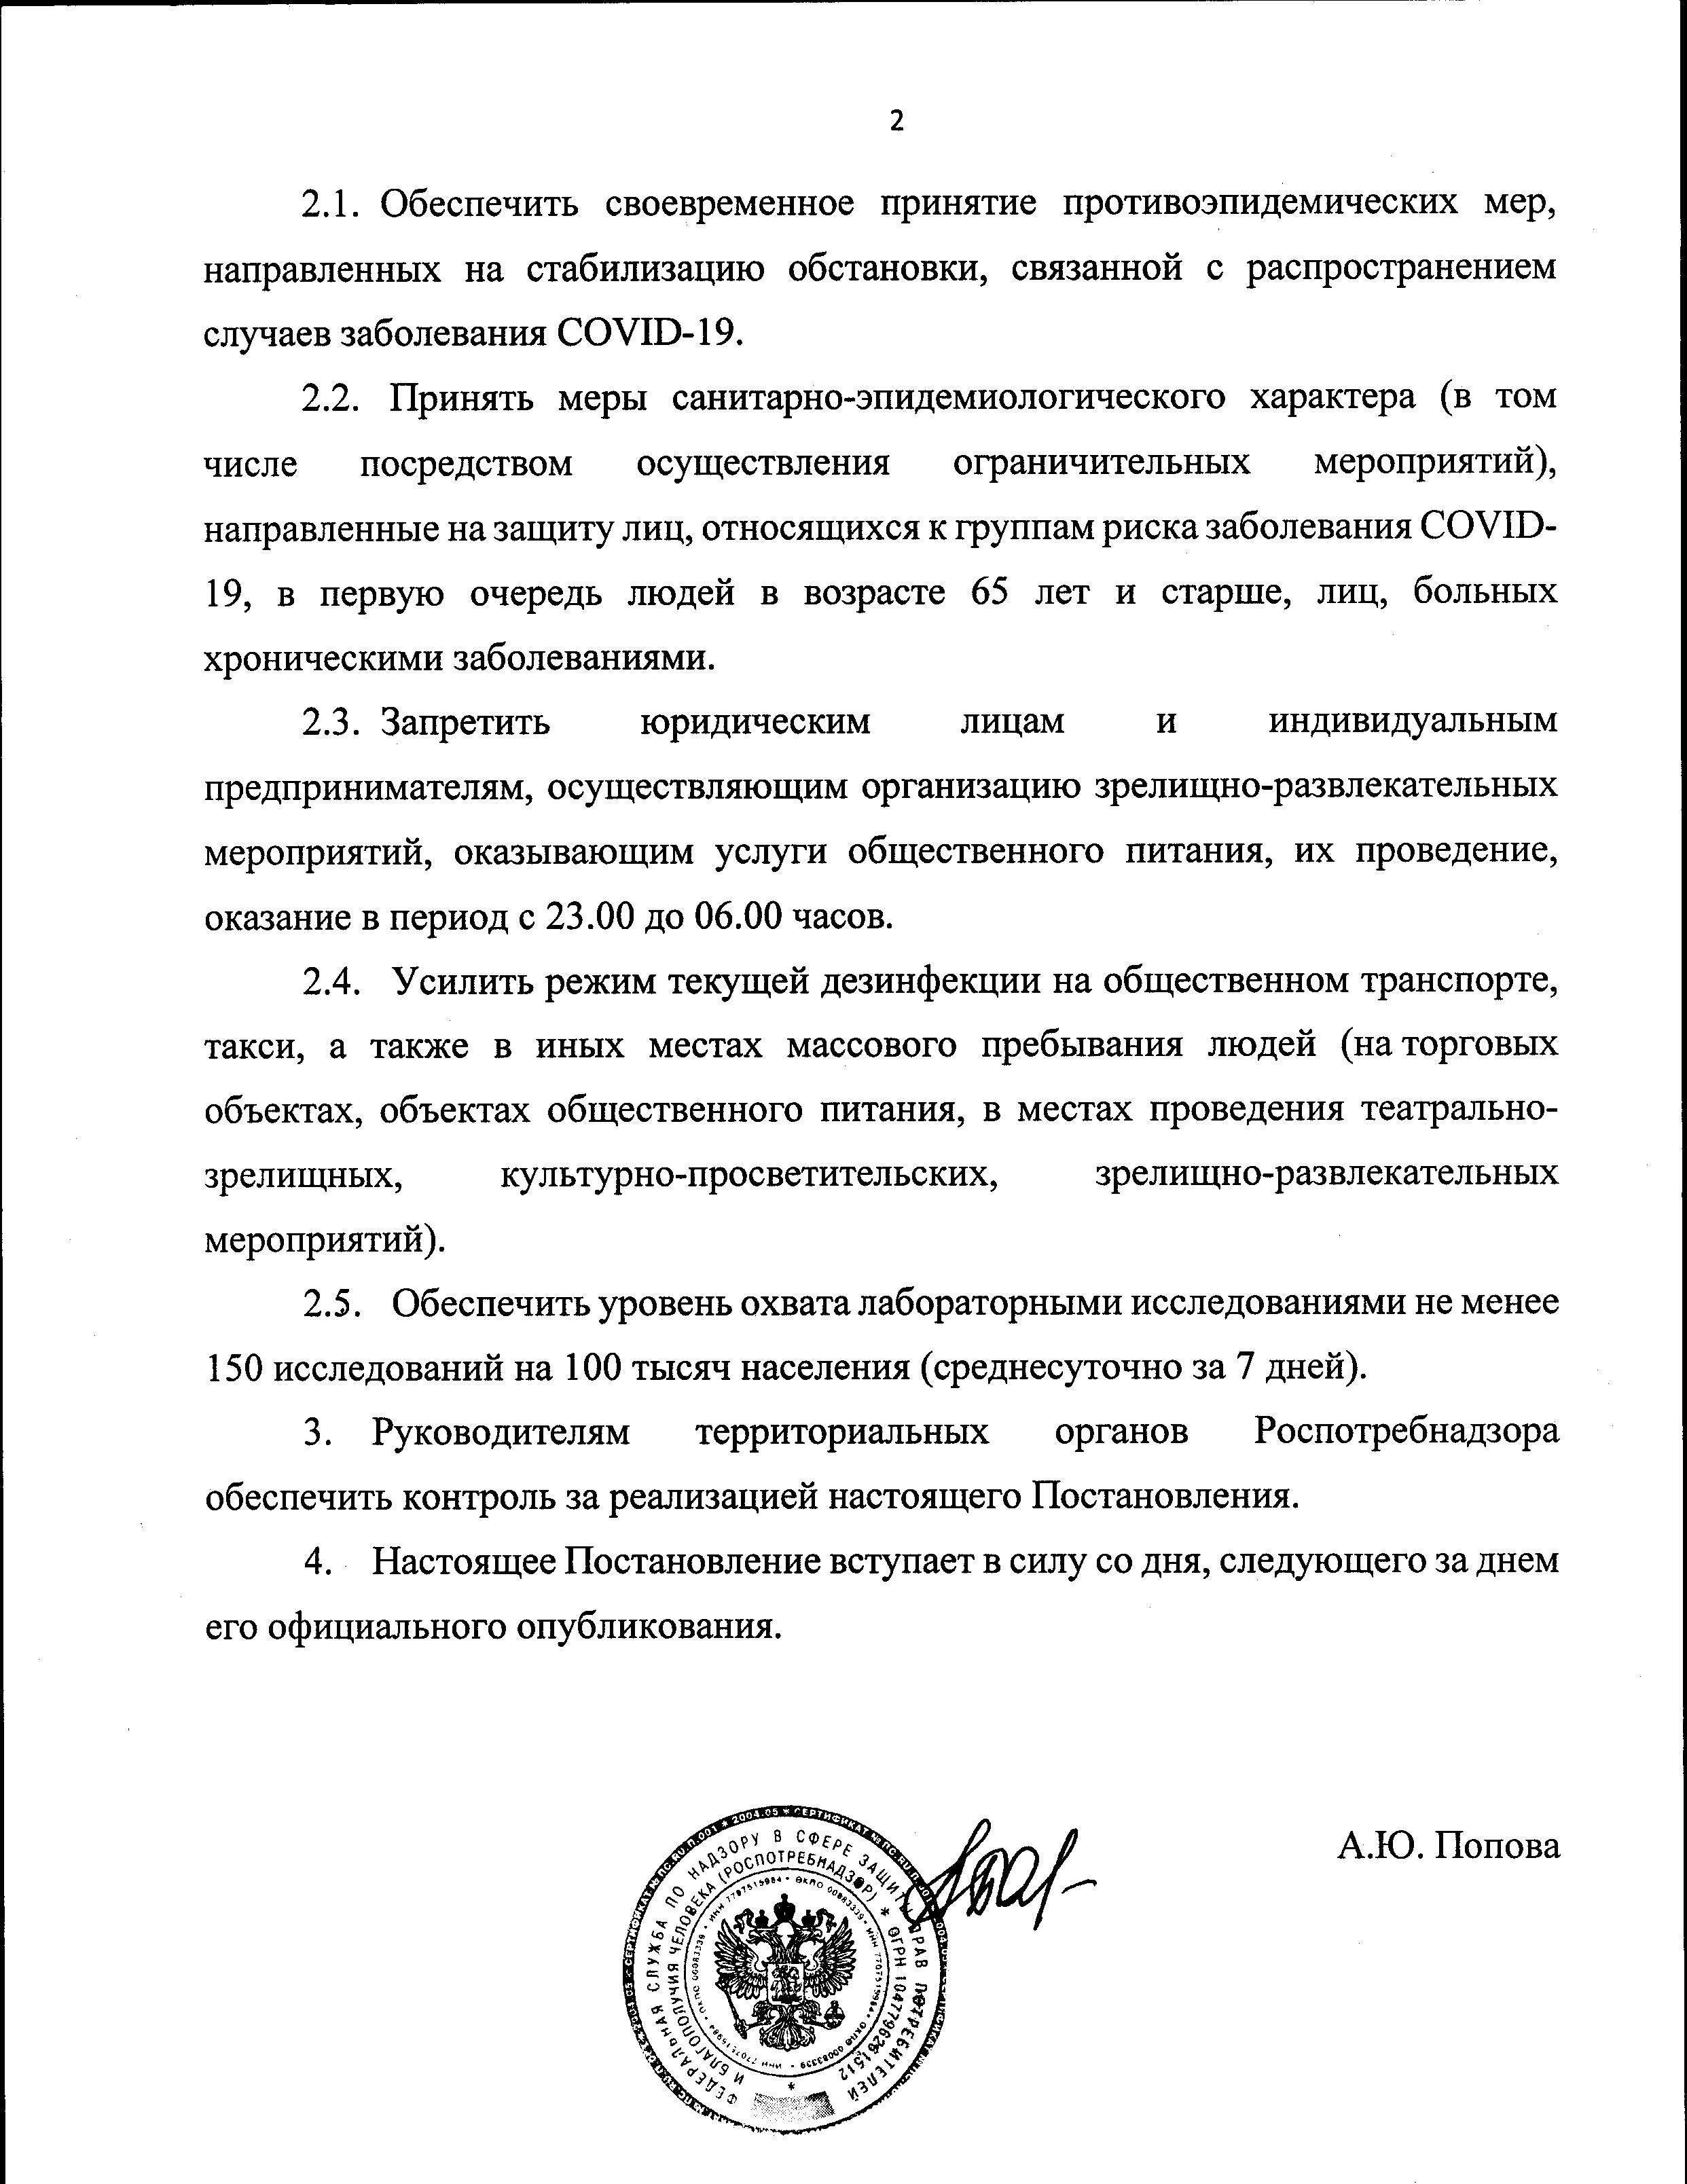 Полный текст постановления главного санитарного врача России Анны Поповой №31 от 16.10.2020.